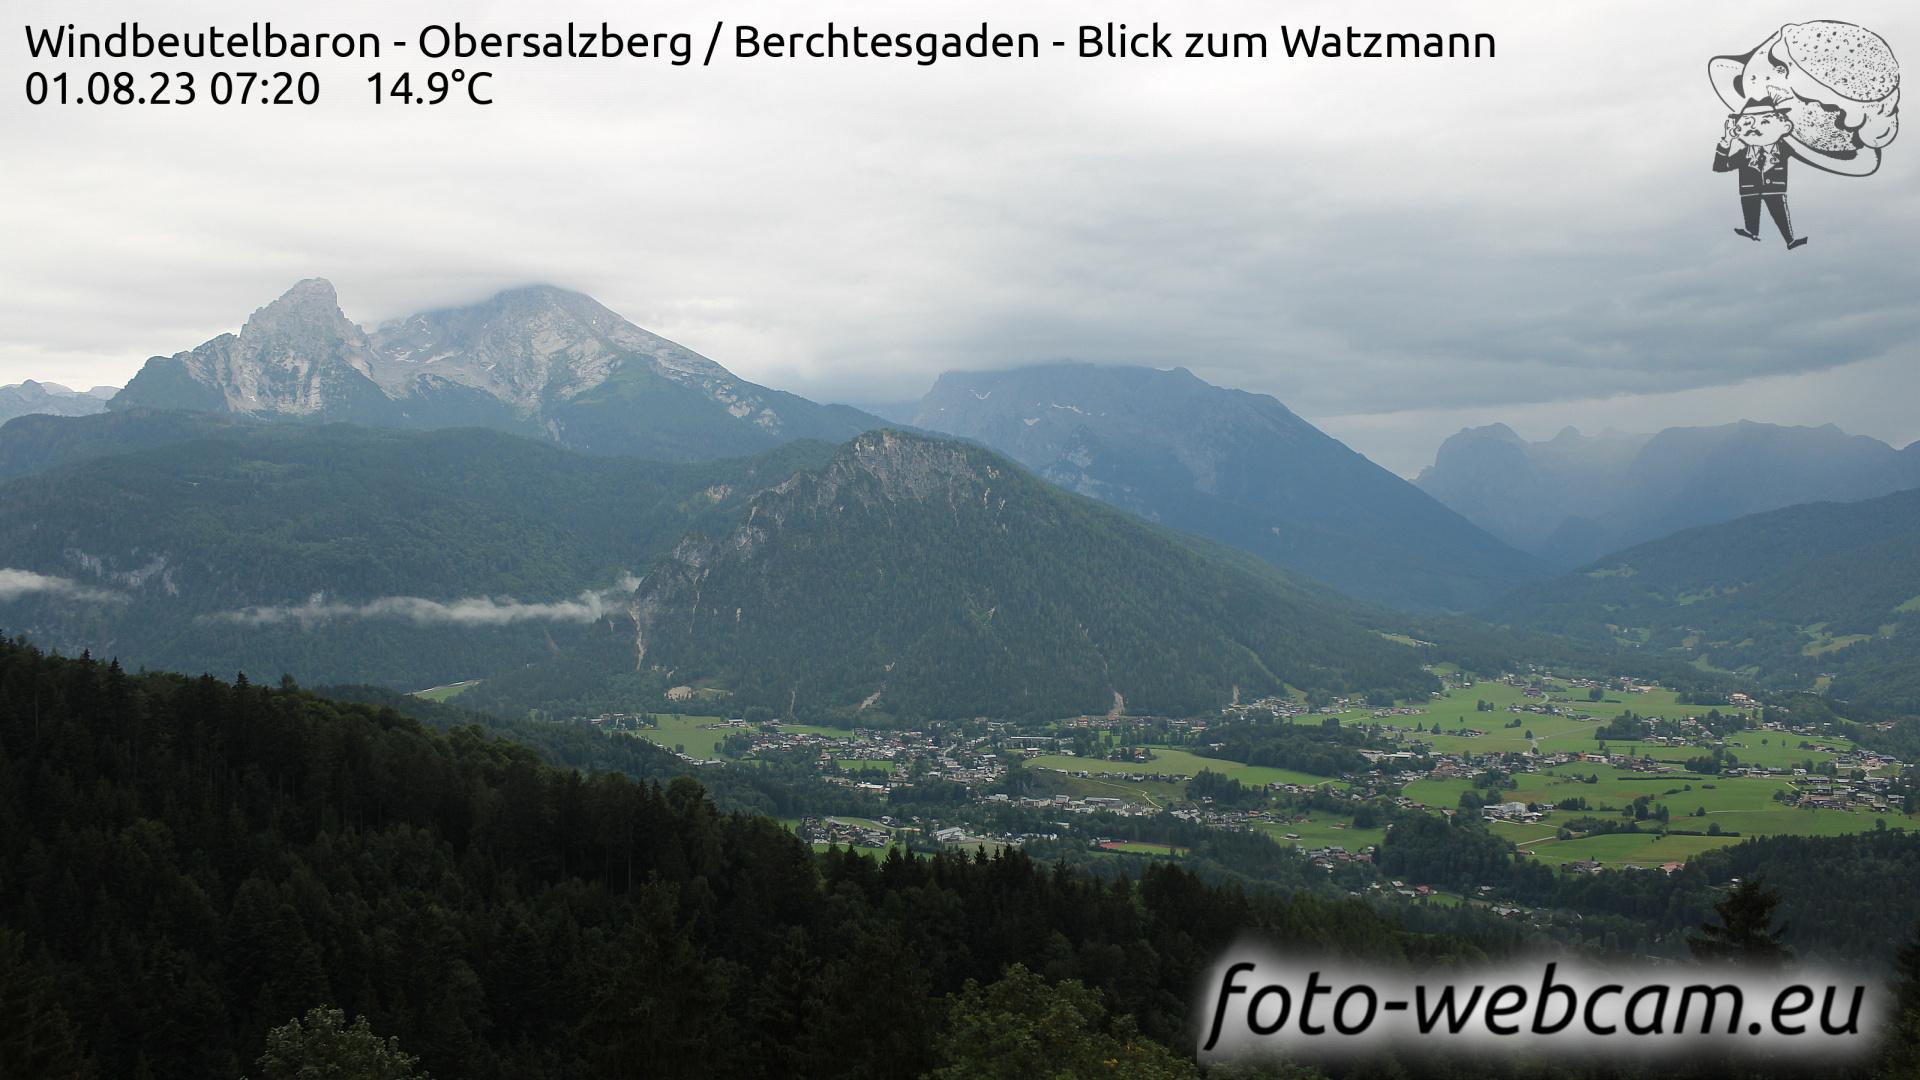 Berchtesgaden Sat. 07:32